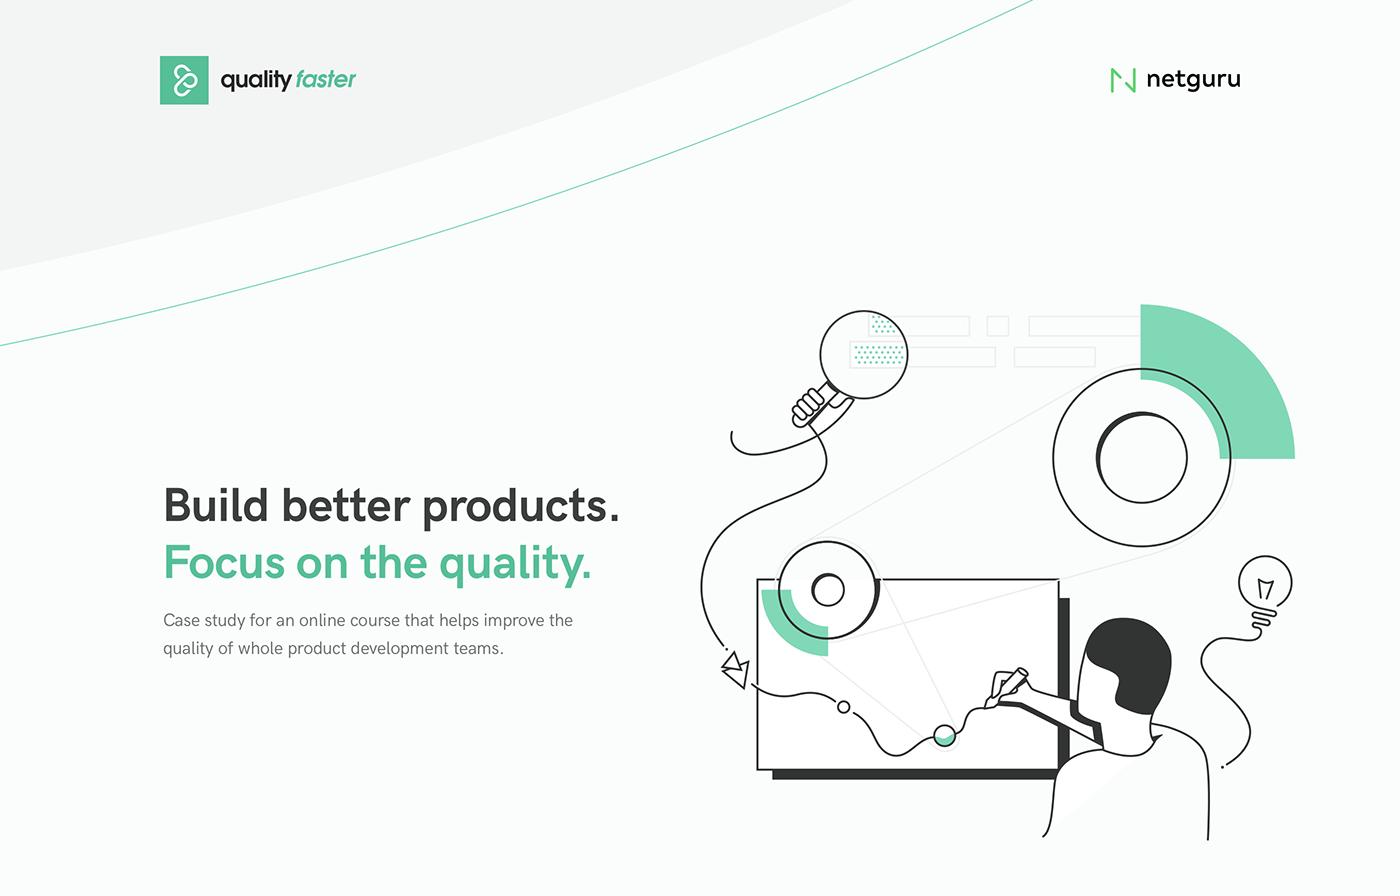 online guide webapp Responsive ILLUSTRATION  Developers Quality netguru course learning Platform